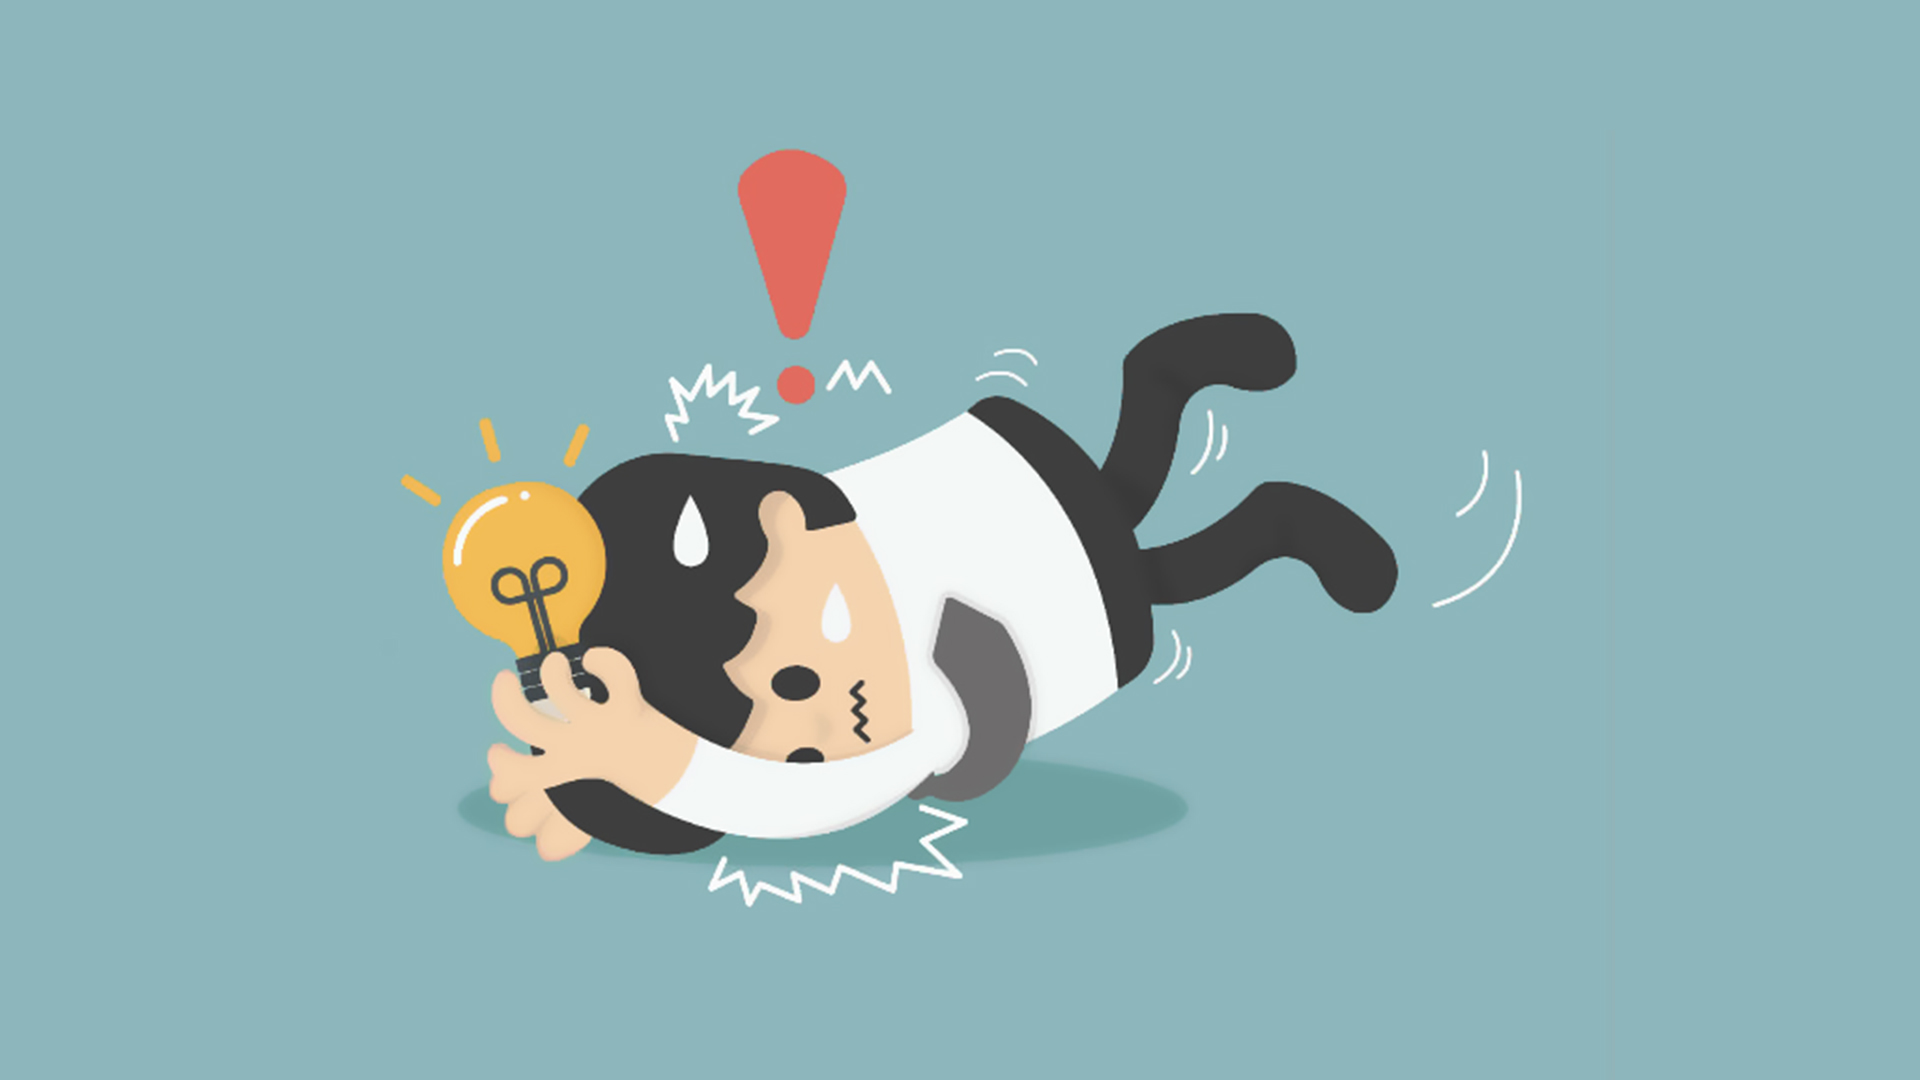 Tổng hợp những nguyên nhân thất bại trong kinh doanh ai cũng nên tham khảo  - Học làm giàu - Kiến thức kinh doanh